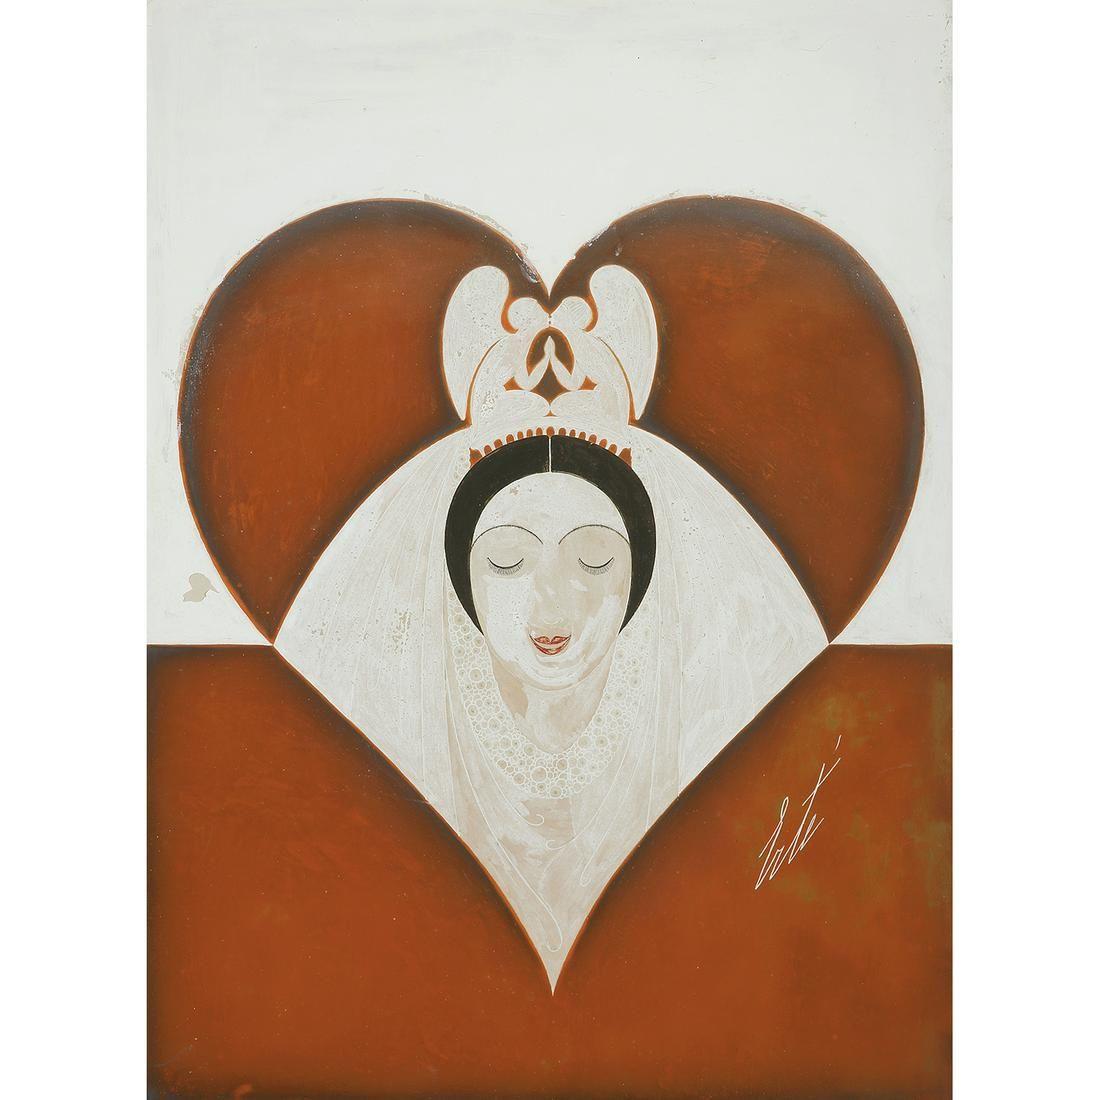 ROMAIN DE TIRTOFF, DIT ERTÉ (1892-1990) LA DAME DE CŒUR